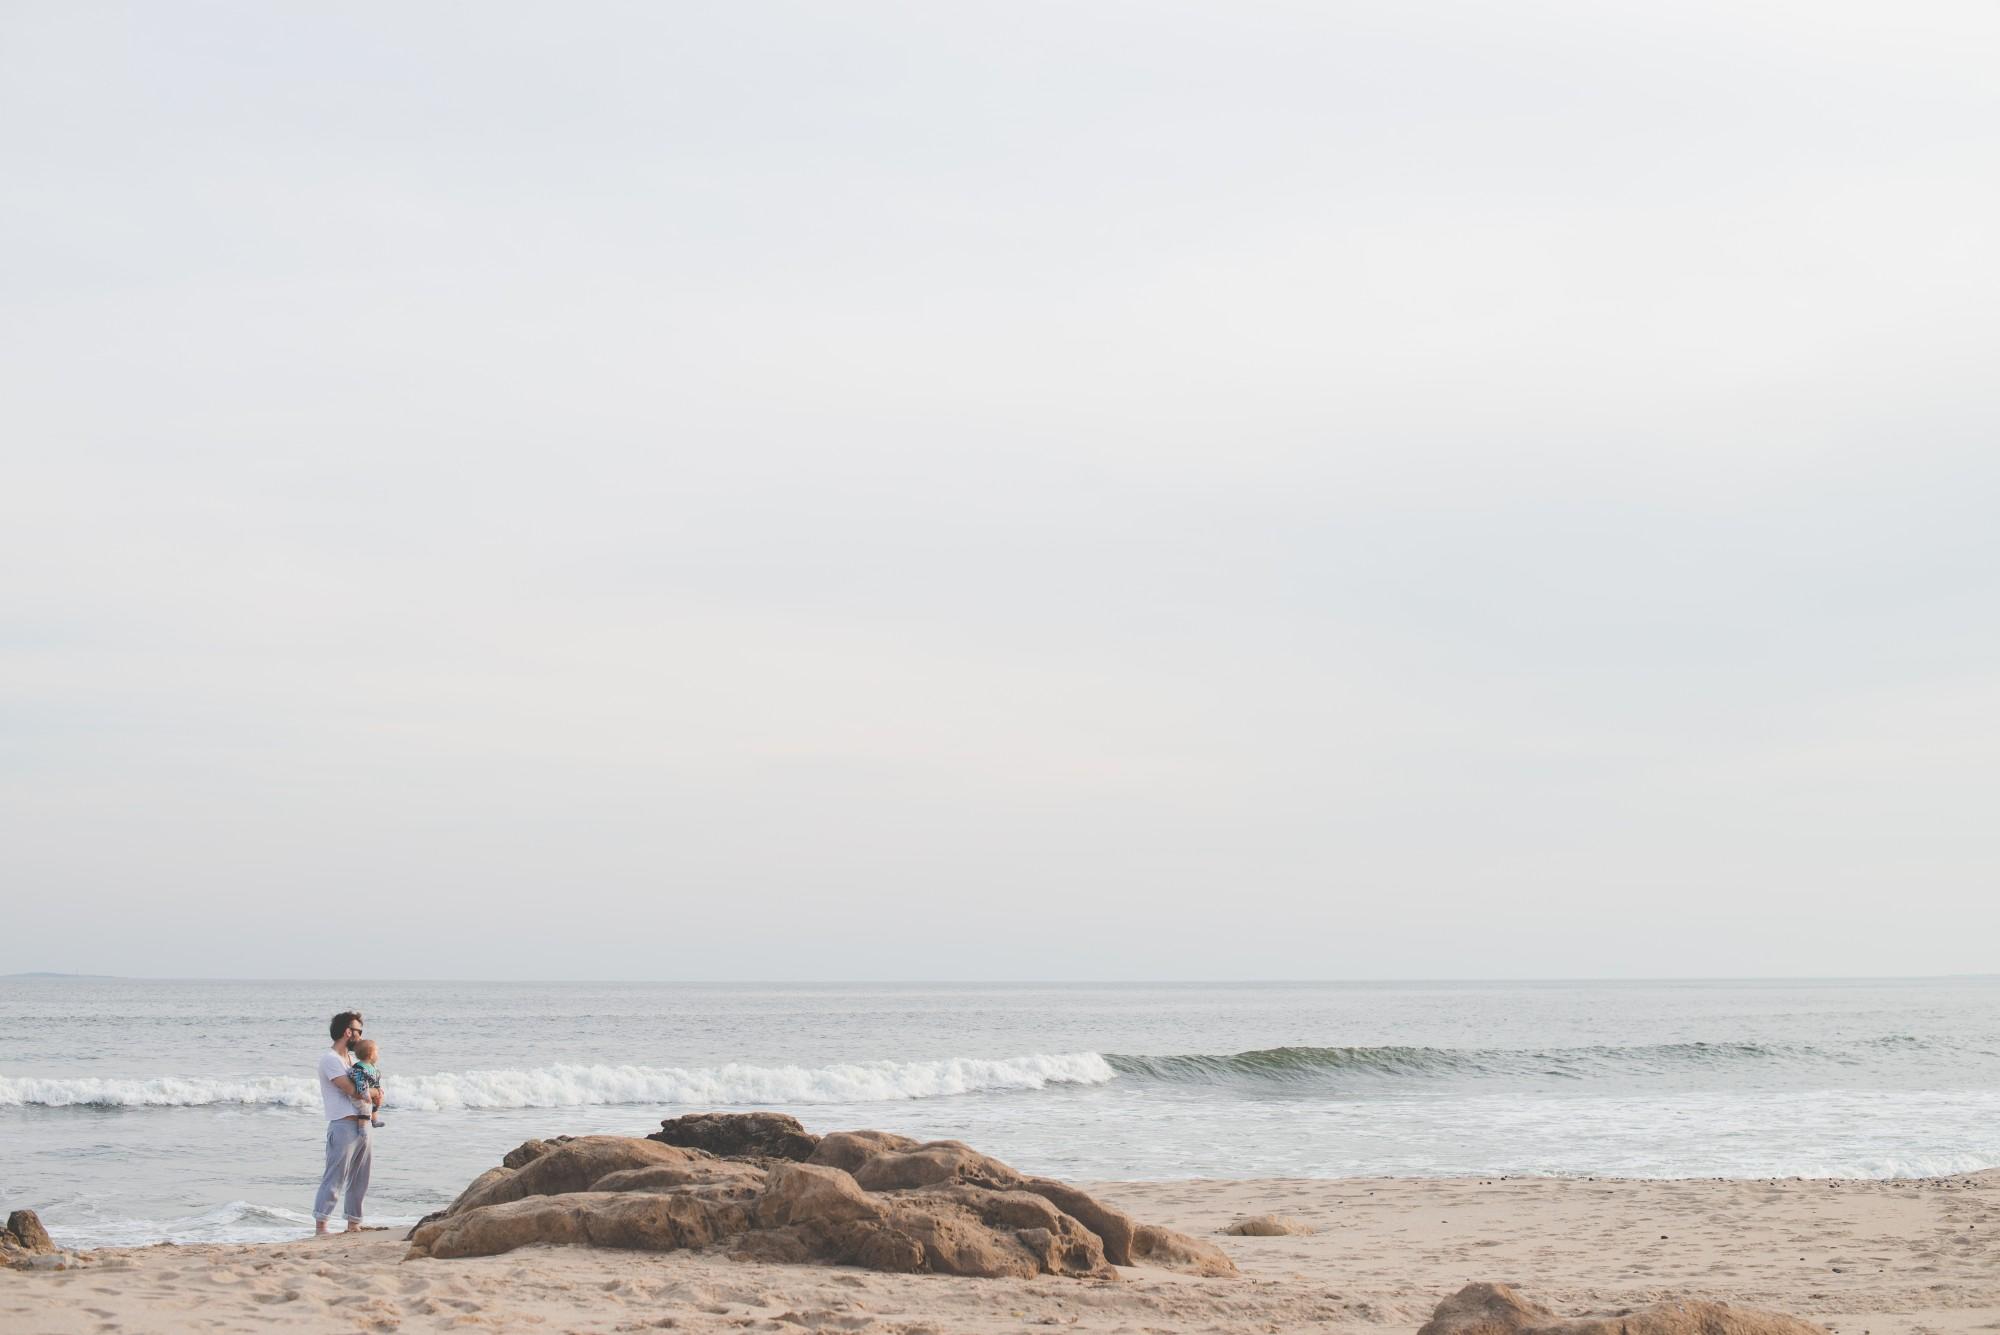 lifestyle photography , sesion fotografica de familia, un bebe con su padre en la playa